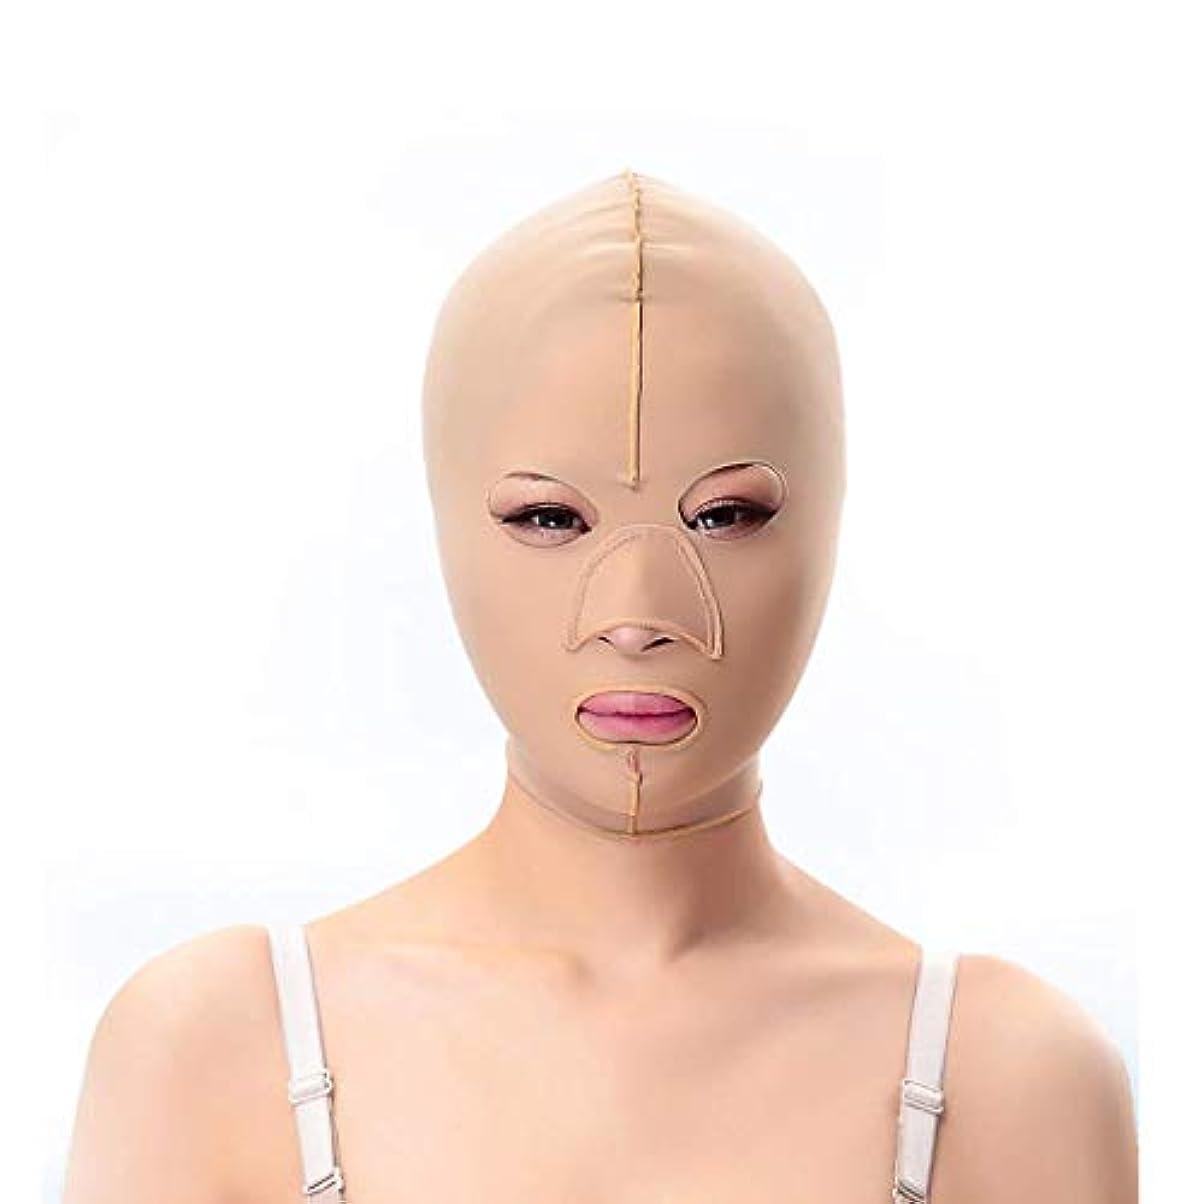 収束話すソーシャルスリミングベルト、二重あごの引き締め顔のプラスチックフェイスアーティファクト強力なフェイス包帯を脇に持ち上げるパターンを欺くためのフェイシャルマスクシンフェイスマスク(サイズ:L),S